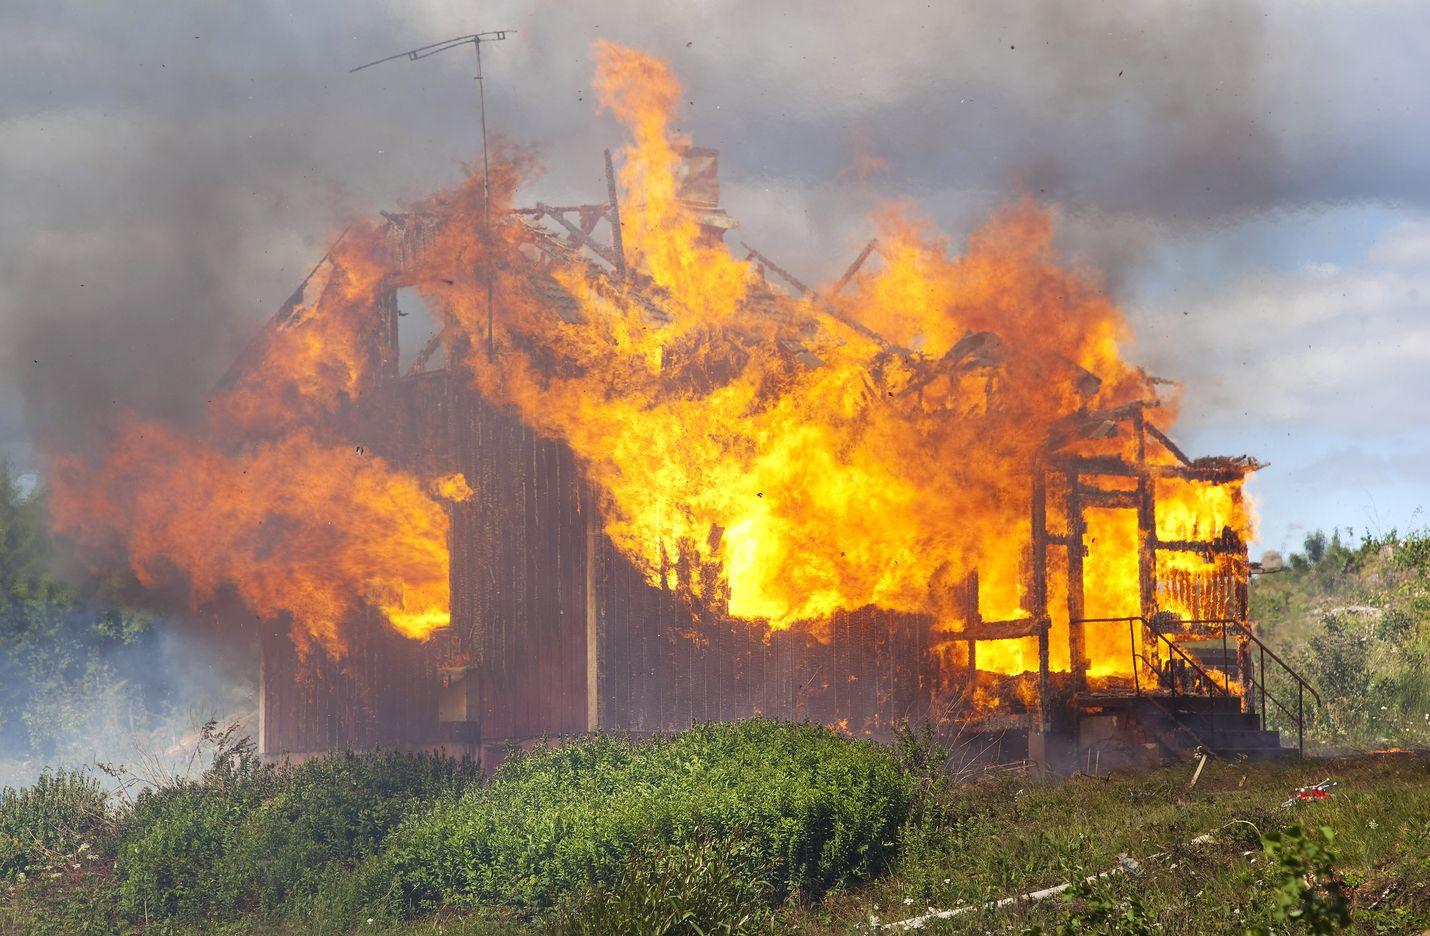 Mies myi palvelua, jossa hän tarjoutui ostamaan esimerkiksi tulipalossa tuhoutuneen irtaimiston. Oikeus piti tätä luvattomana vakuutustoimintana. Kuva paloharjoituksesta ei liity tapaukseen.